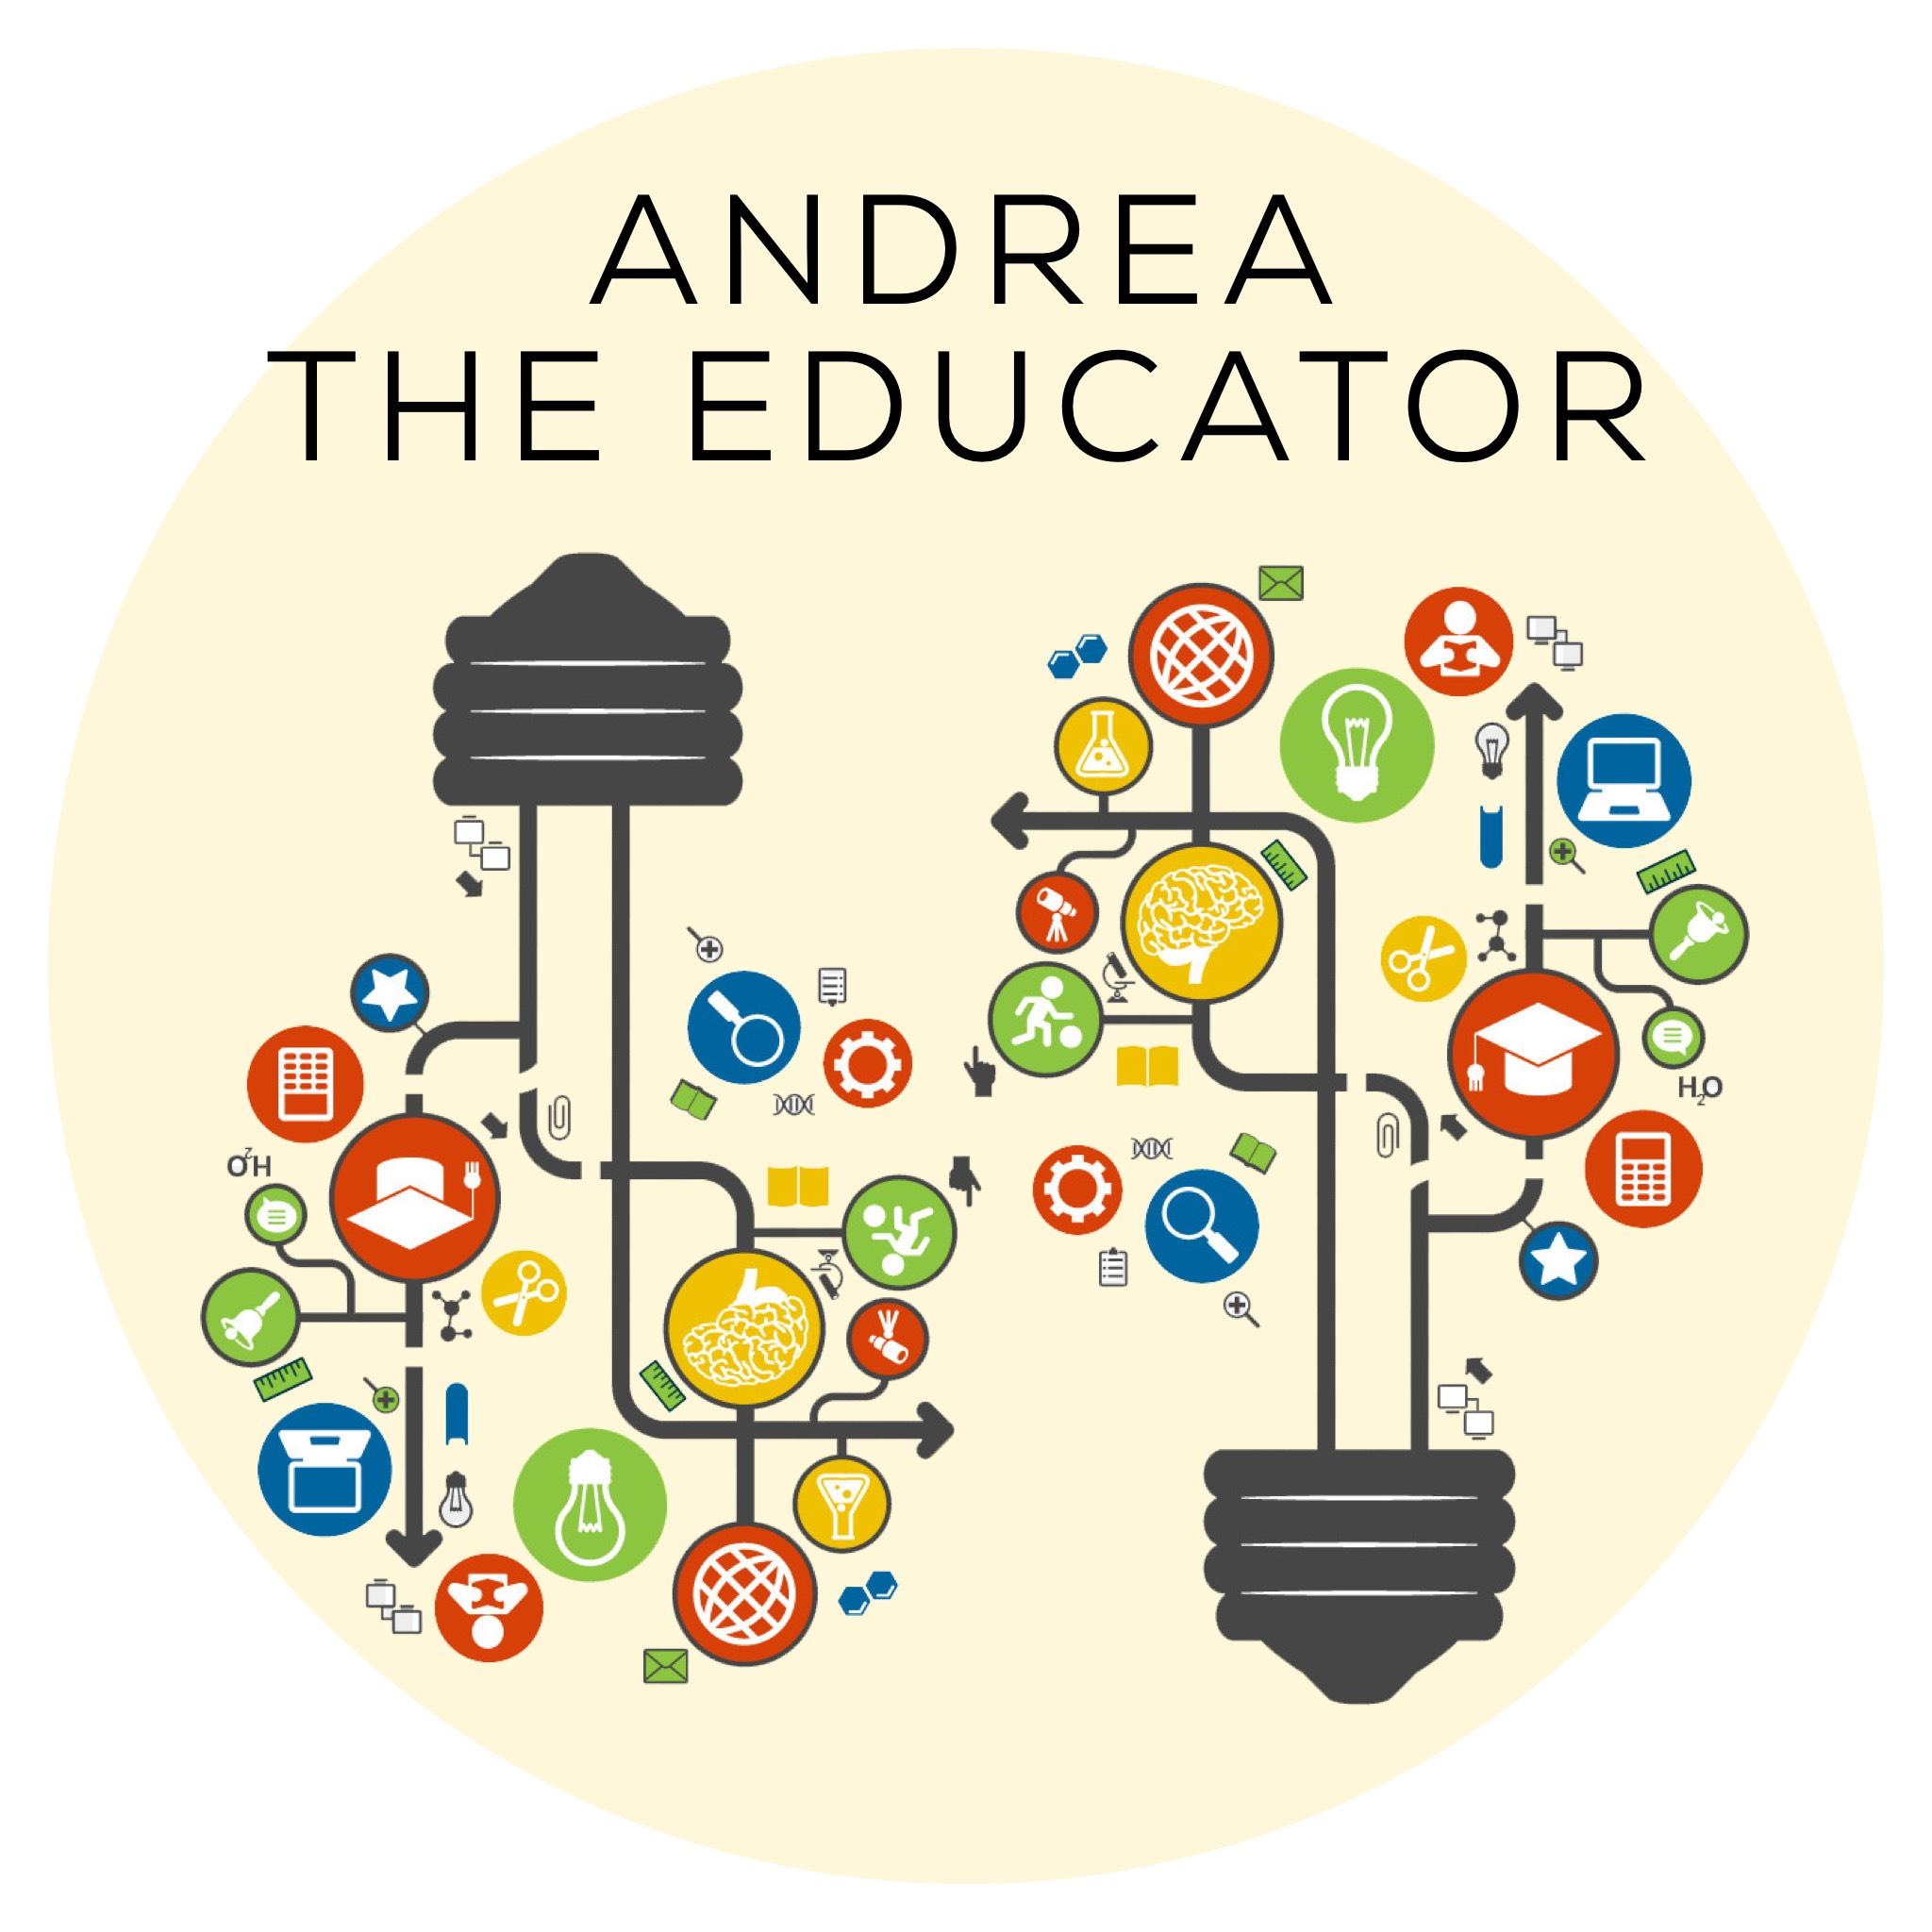 Andrea The Educator